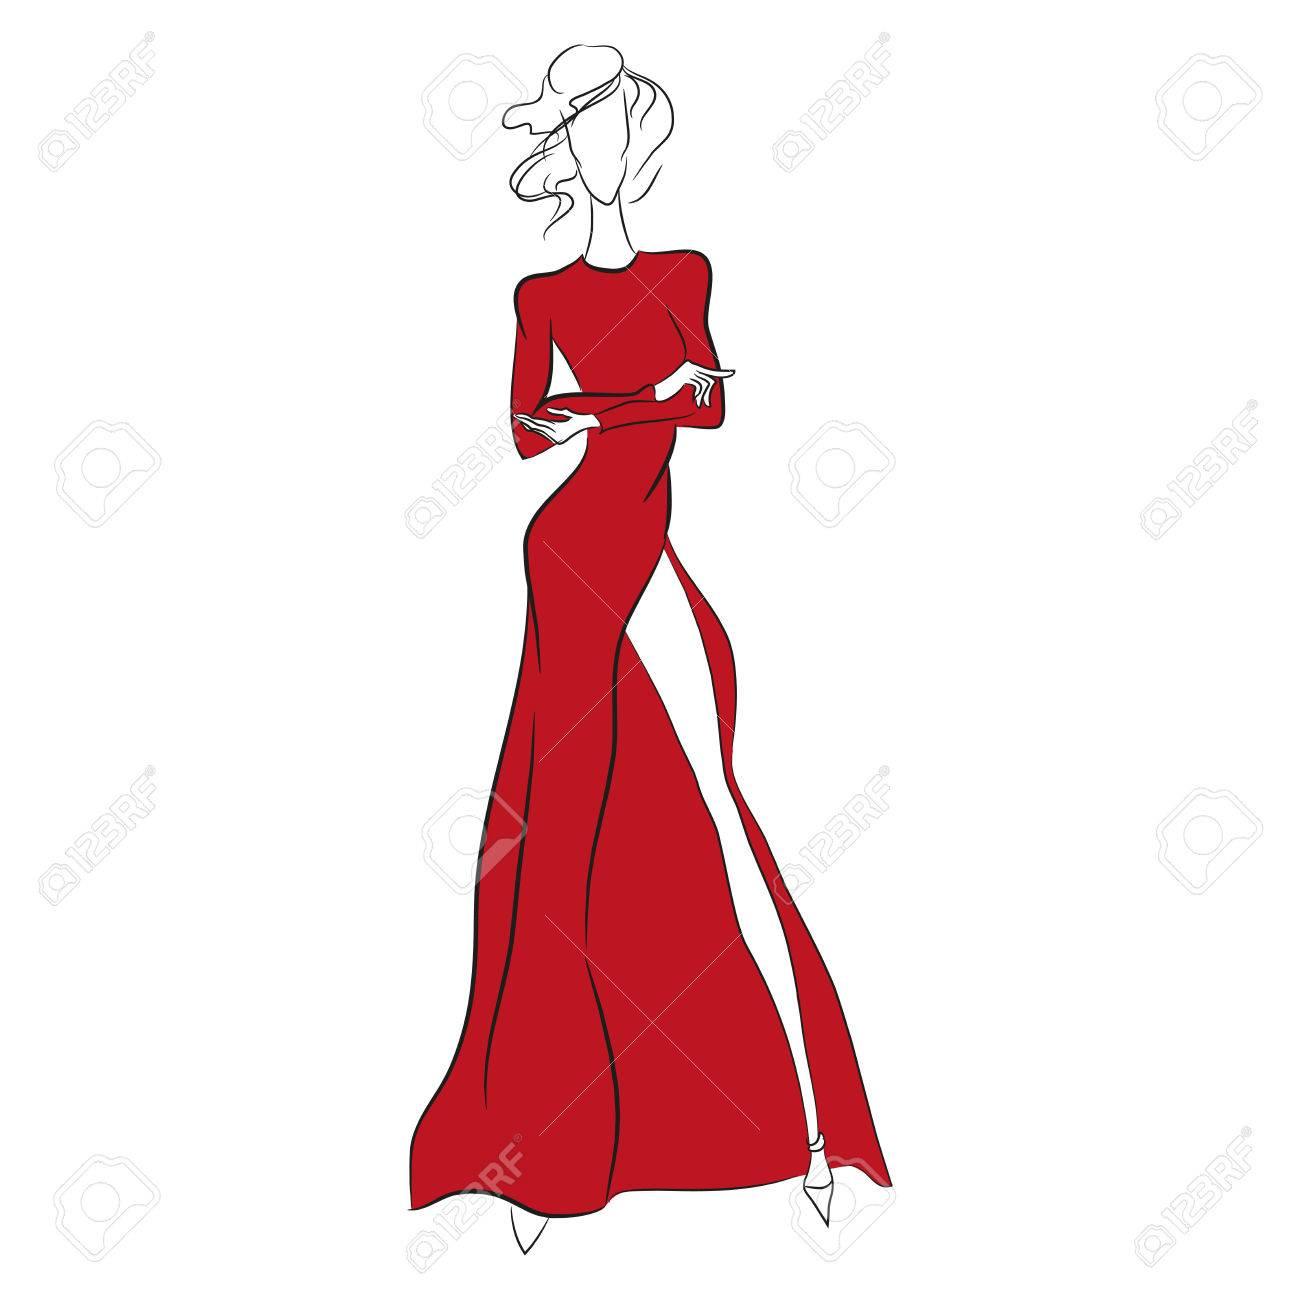 Avec HauteManches Dans De Mode VectorielleBeau Debout Robe Croquis Longue Maigre Rouge LonguesSilhouette Corps Modèle Magnifique Une Coupe kuTZOXPi